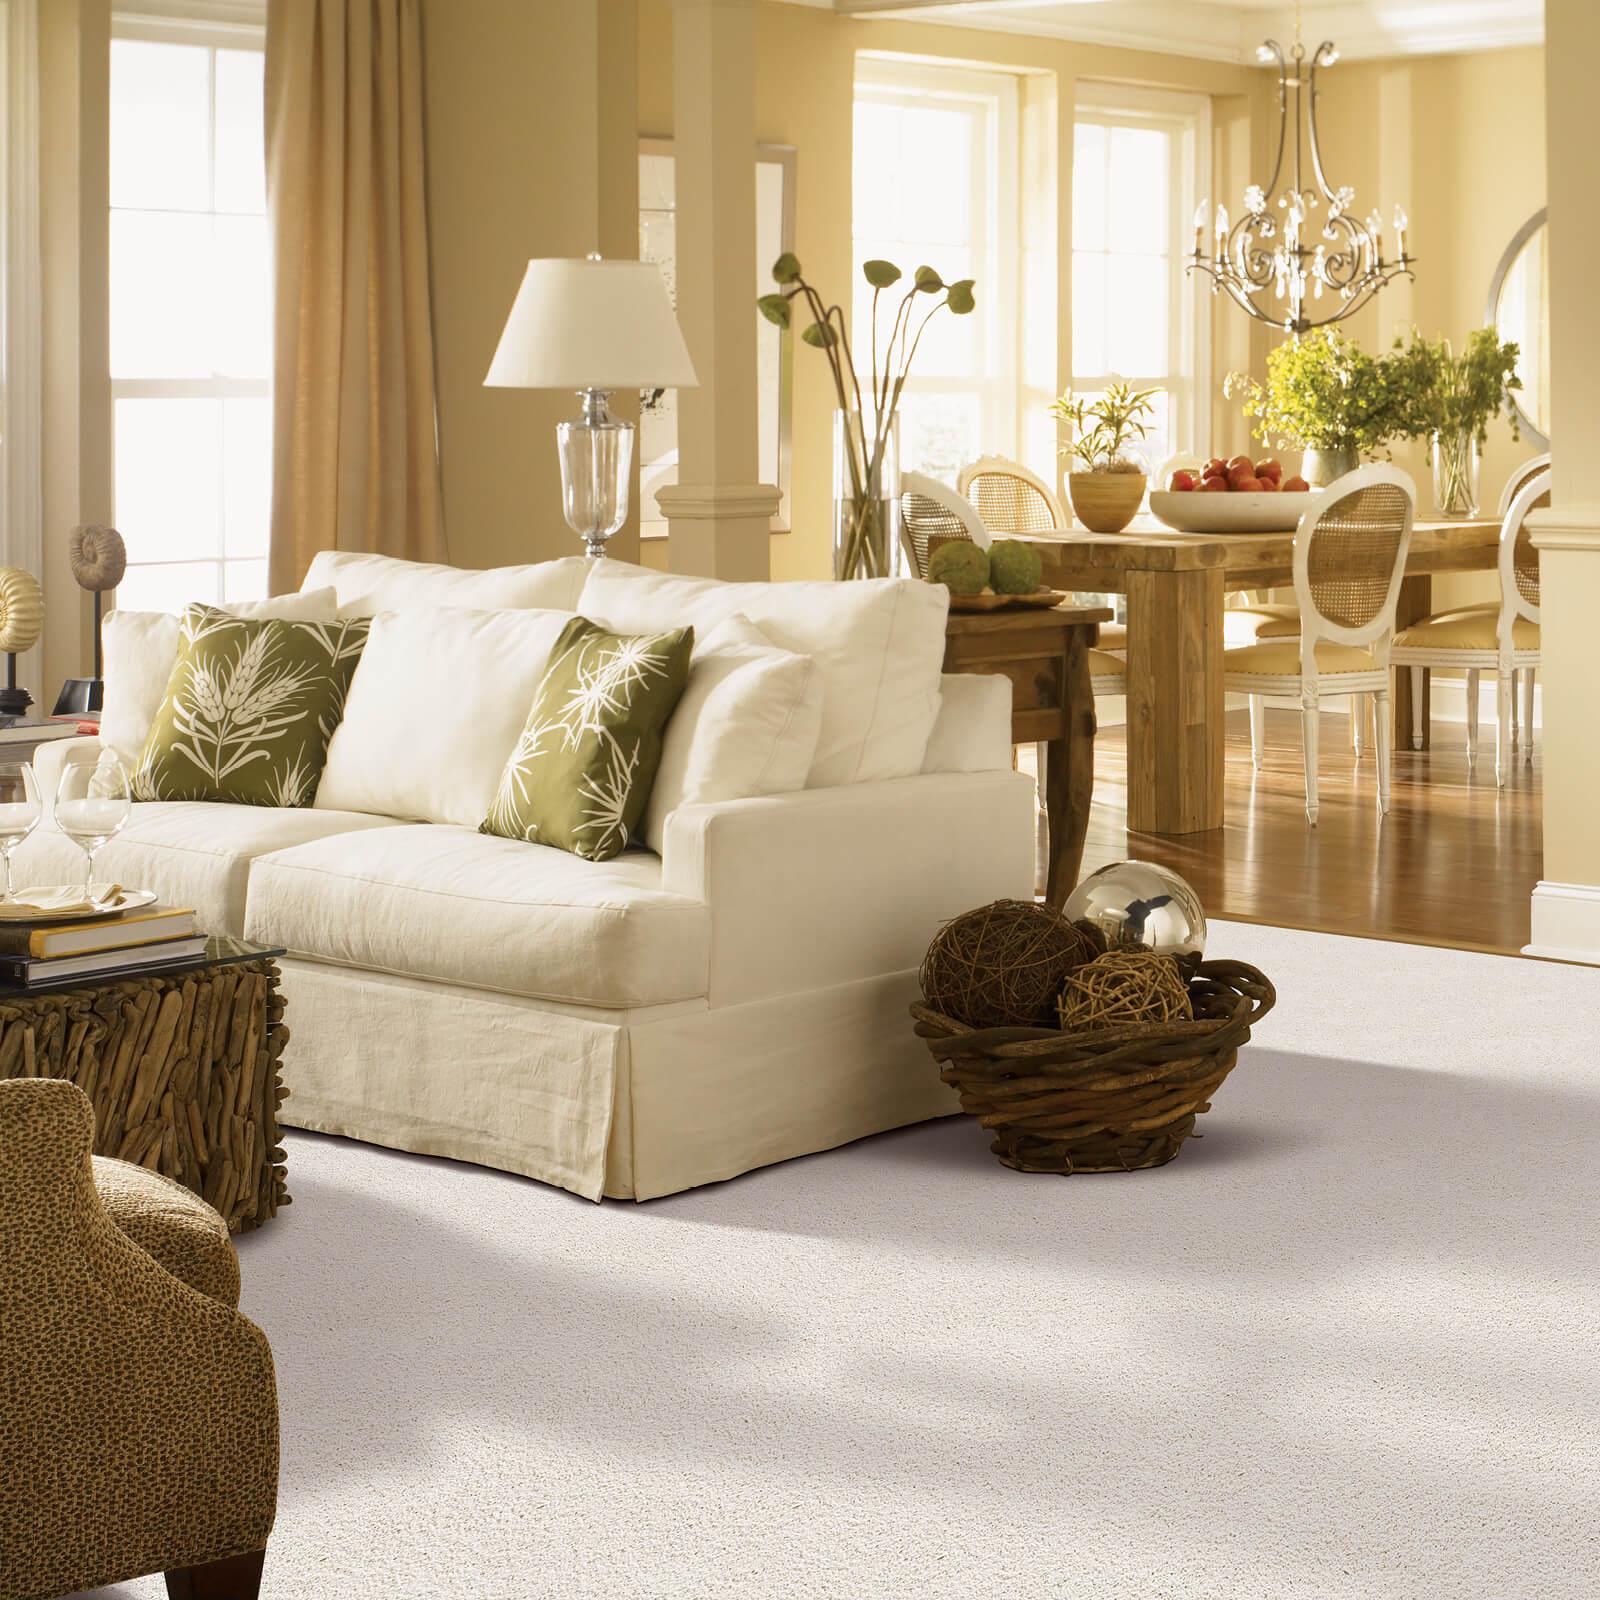 Living room carpet | Dolphin Carpet & Tile